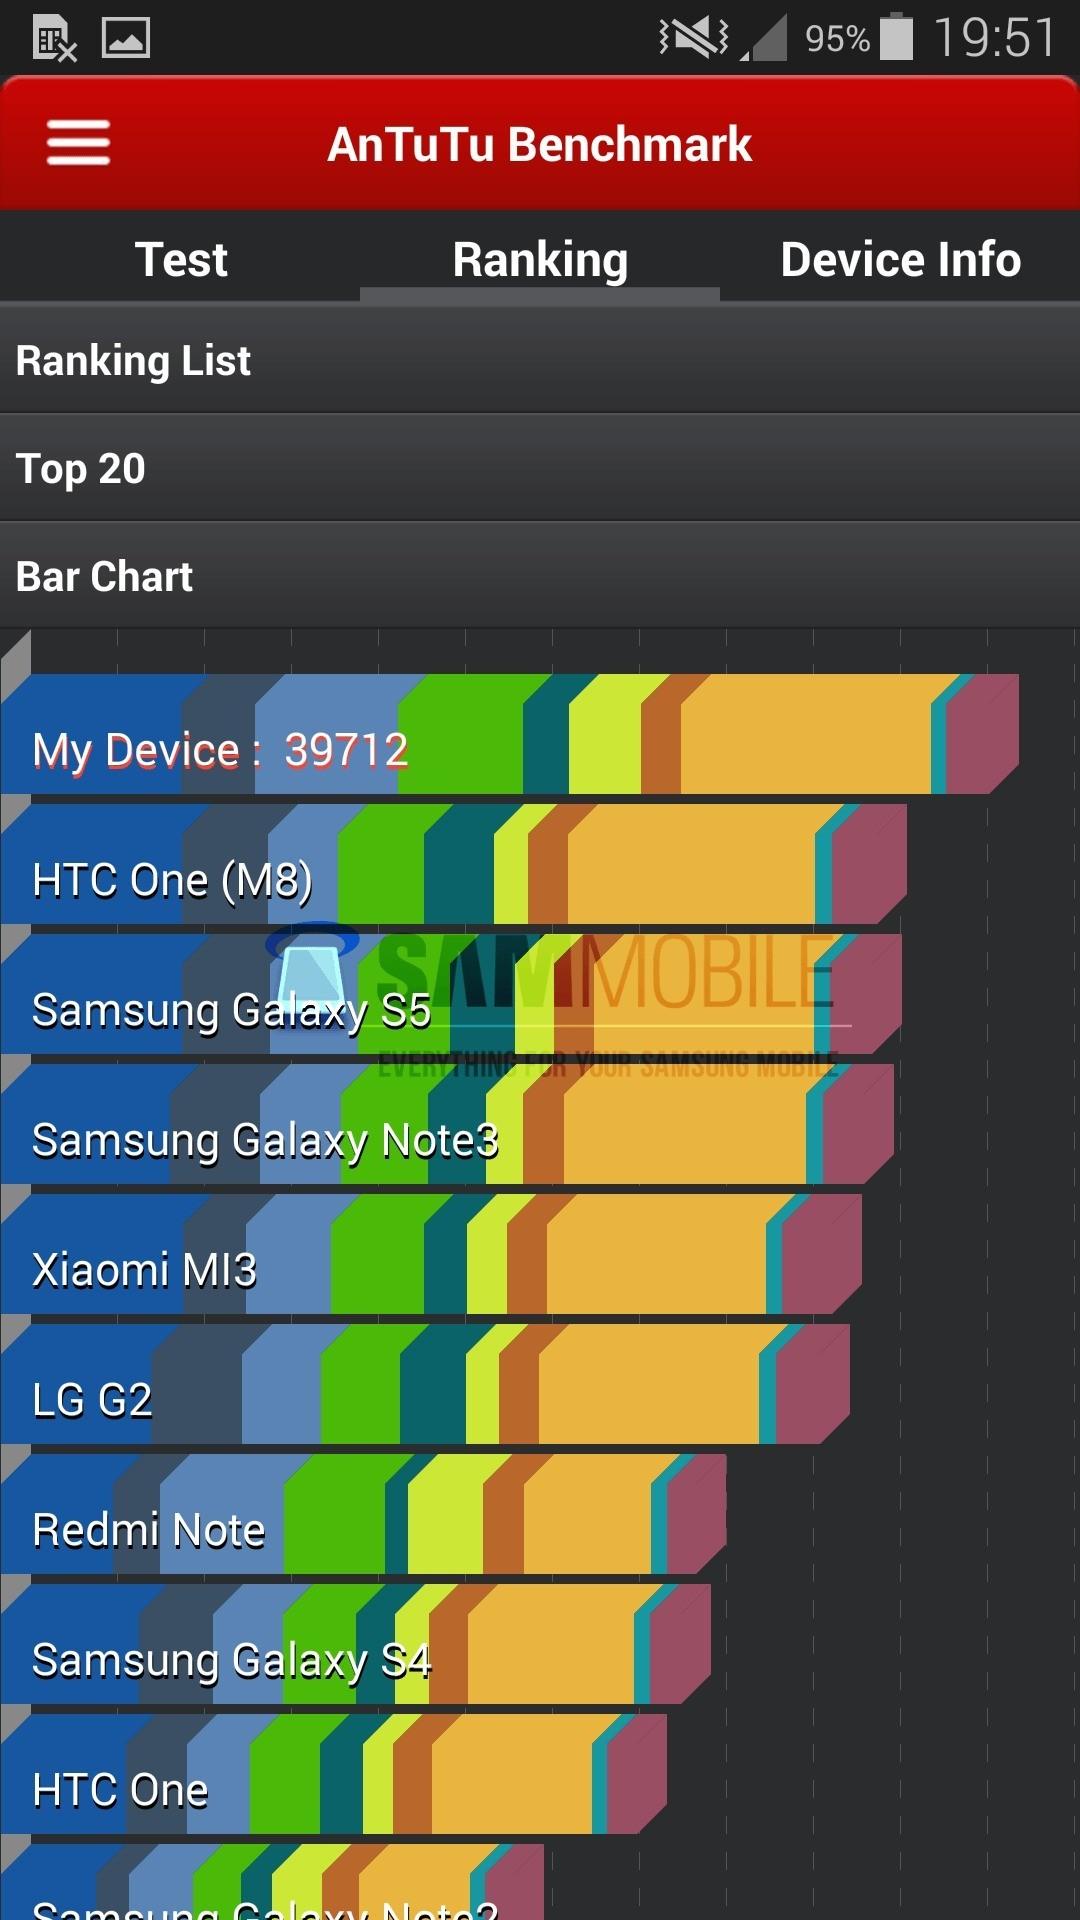 Le caratteristiche delle versioni Europee di Galaxy S5 LTE-A e Galaxy Alpha trapelano attraverso i benchmark !